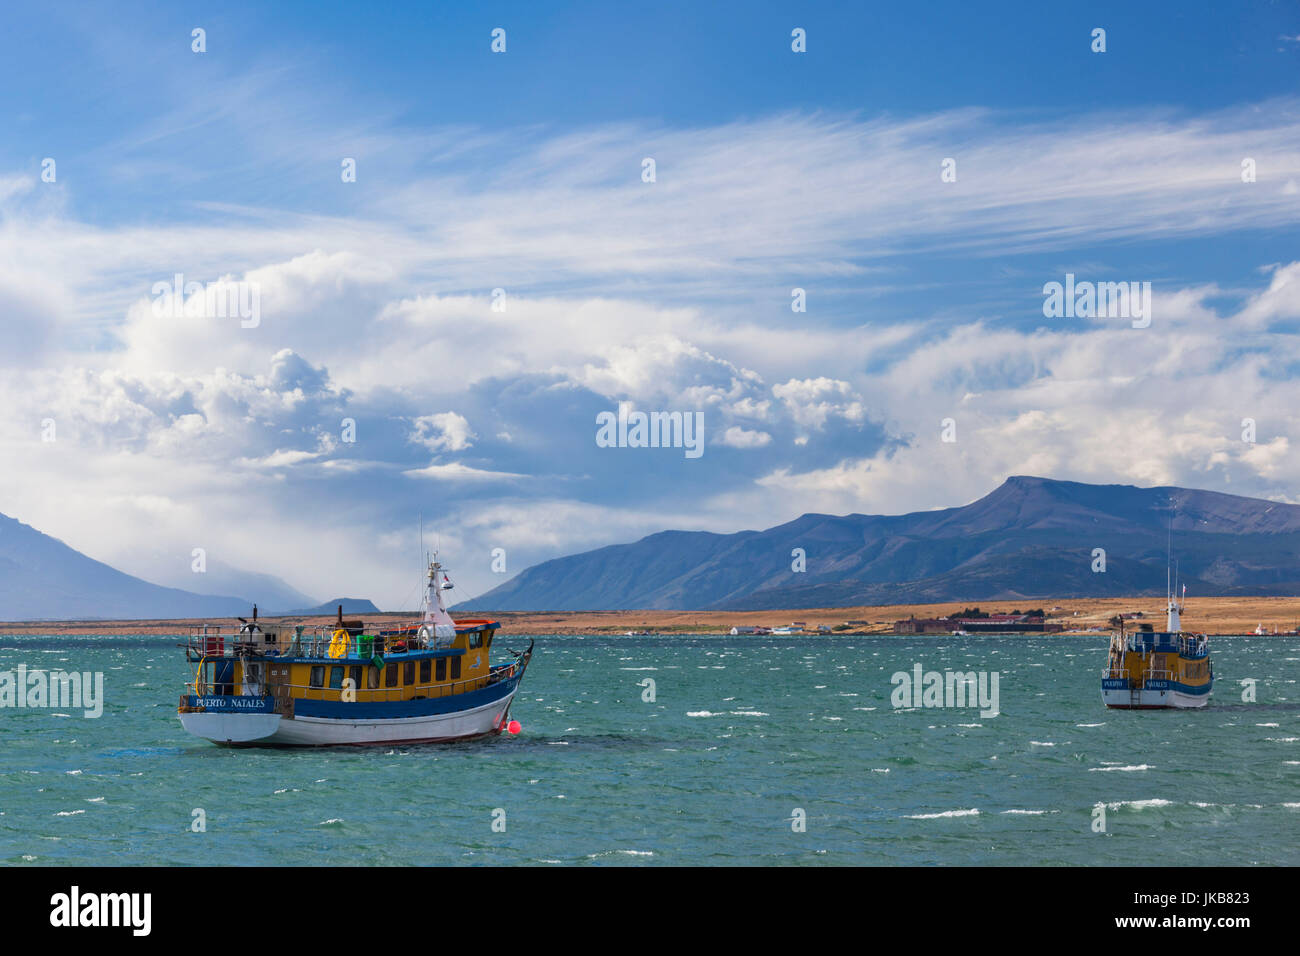 Chile, Región de Magallanes, Puerto Natales, Seno Ultima Esperanza bay, barco Imagen De Stock